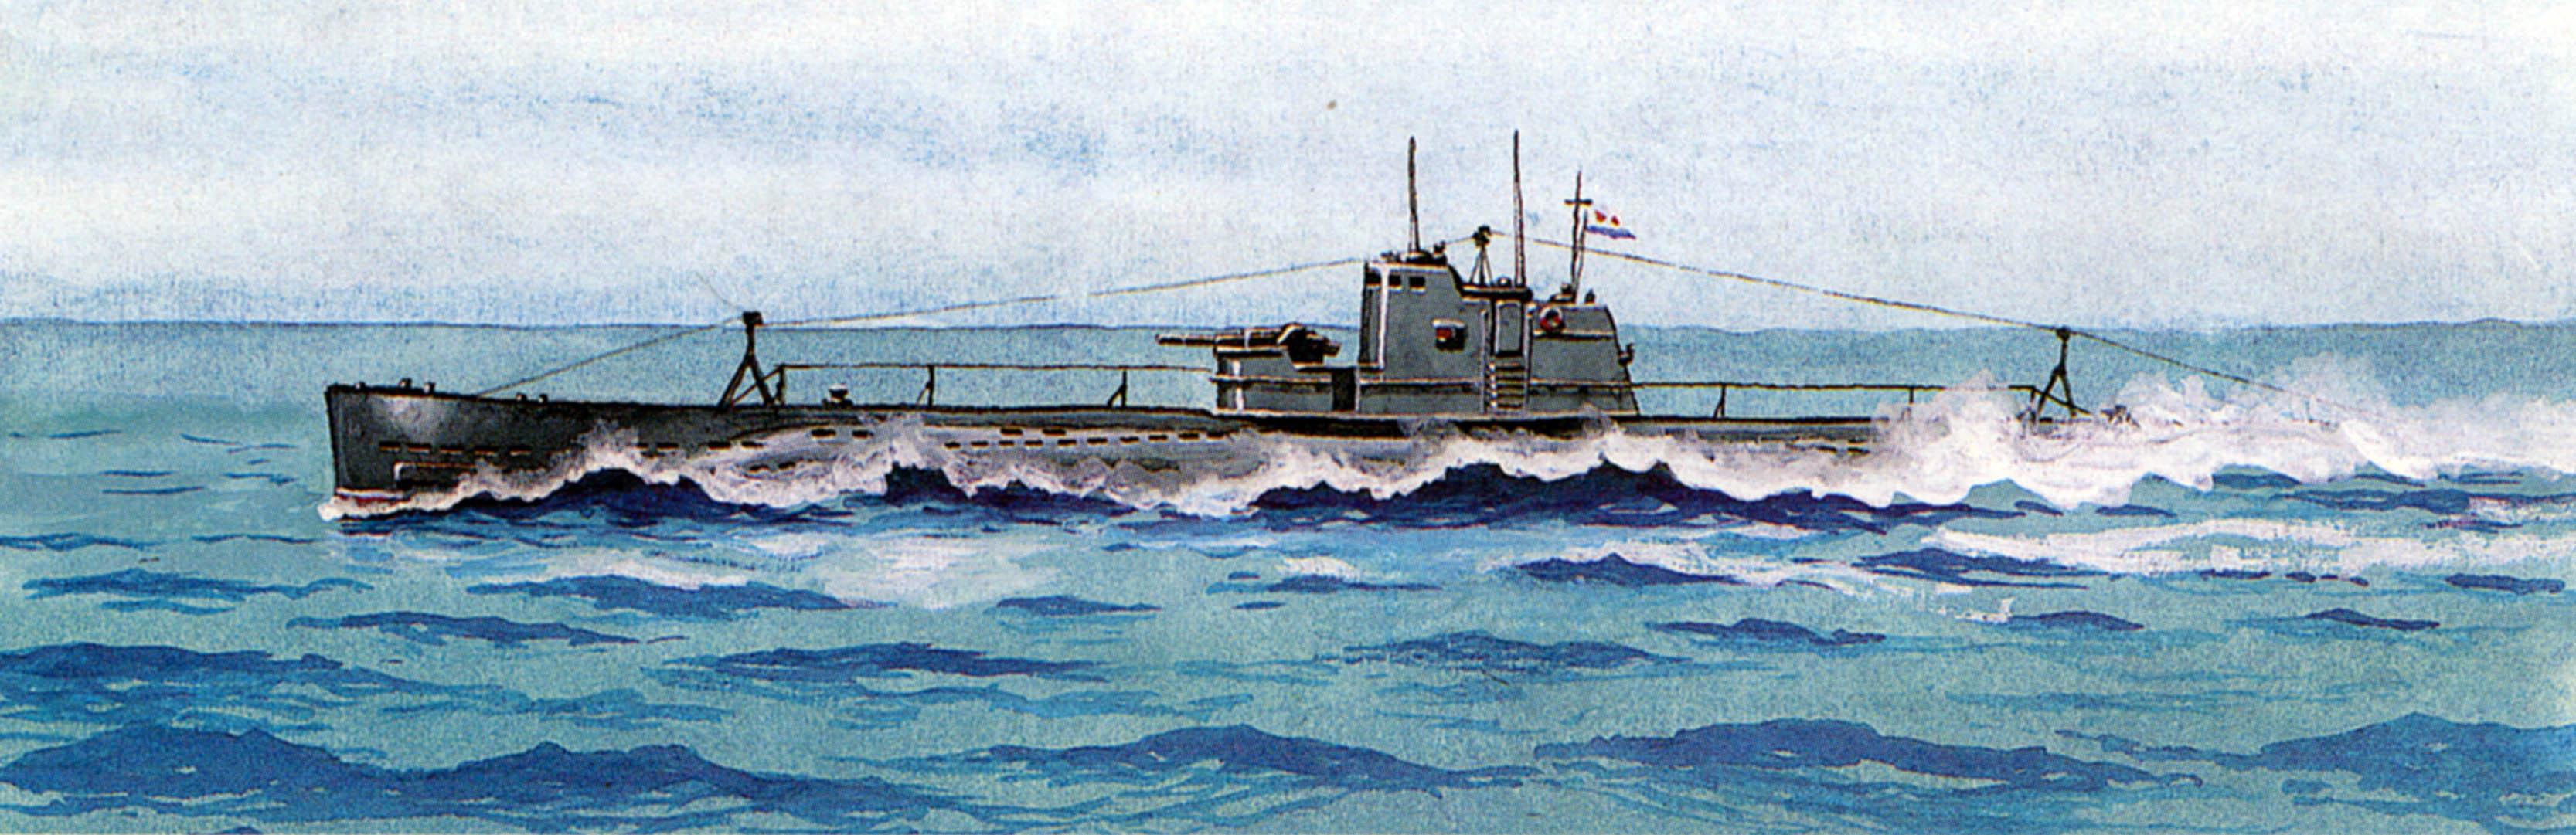 Ярулин Тимур. Подводные лодки.